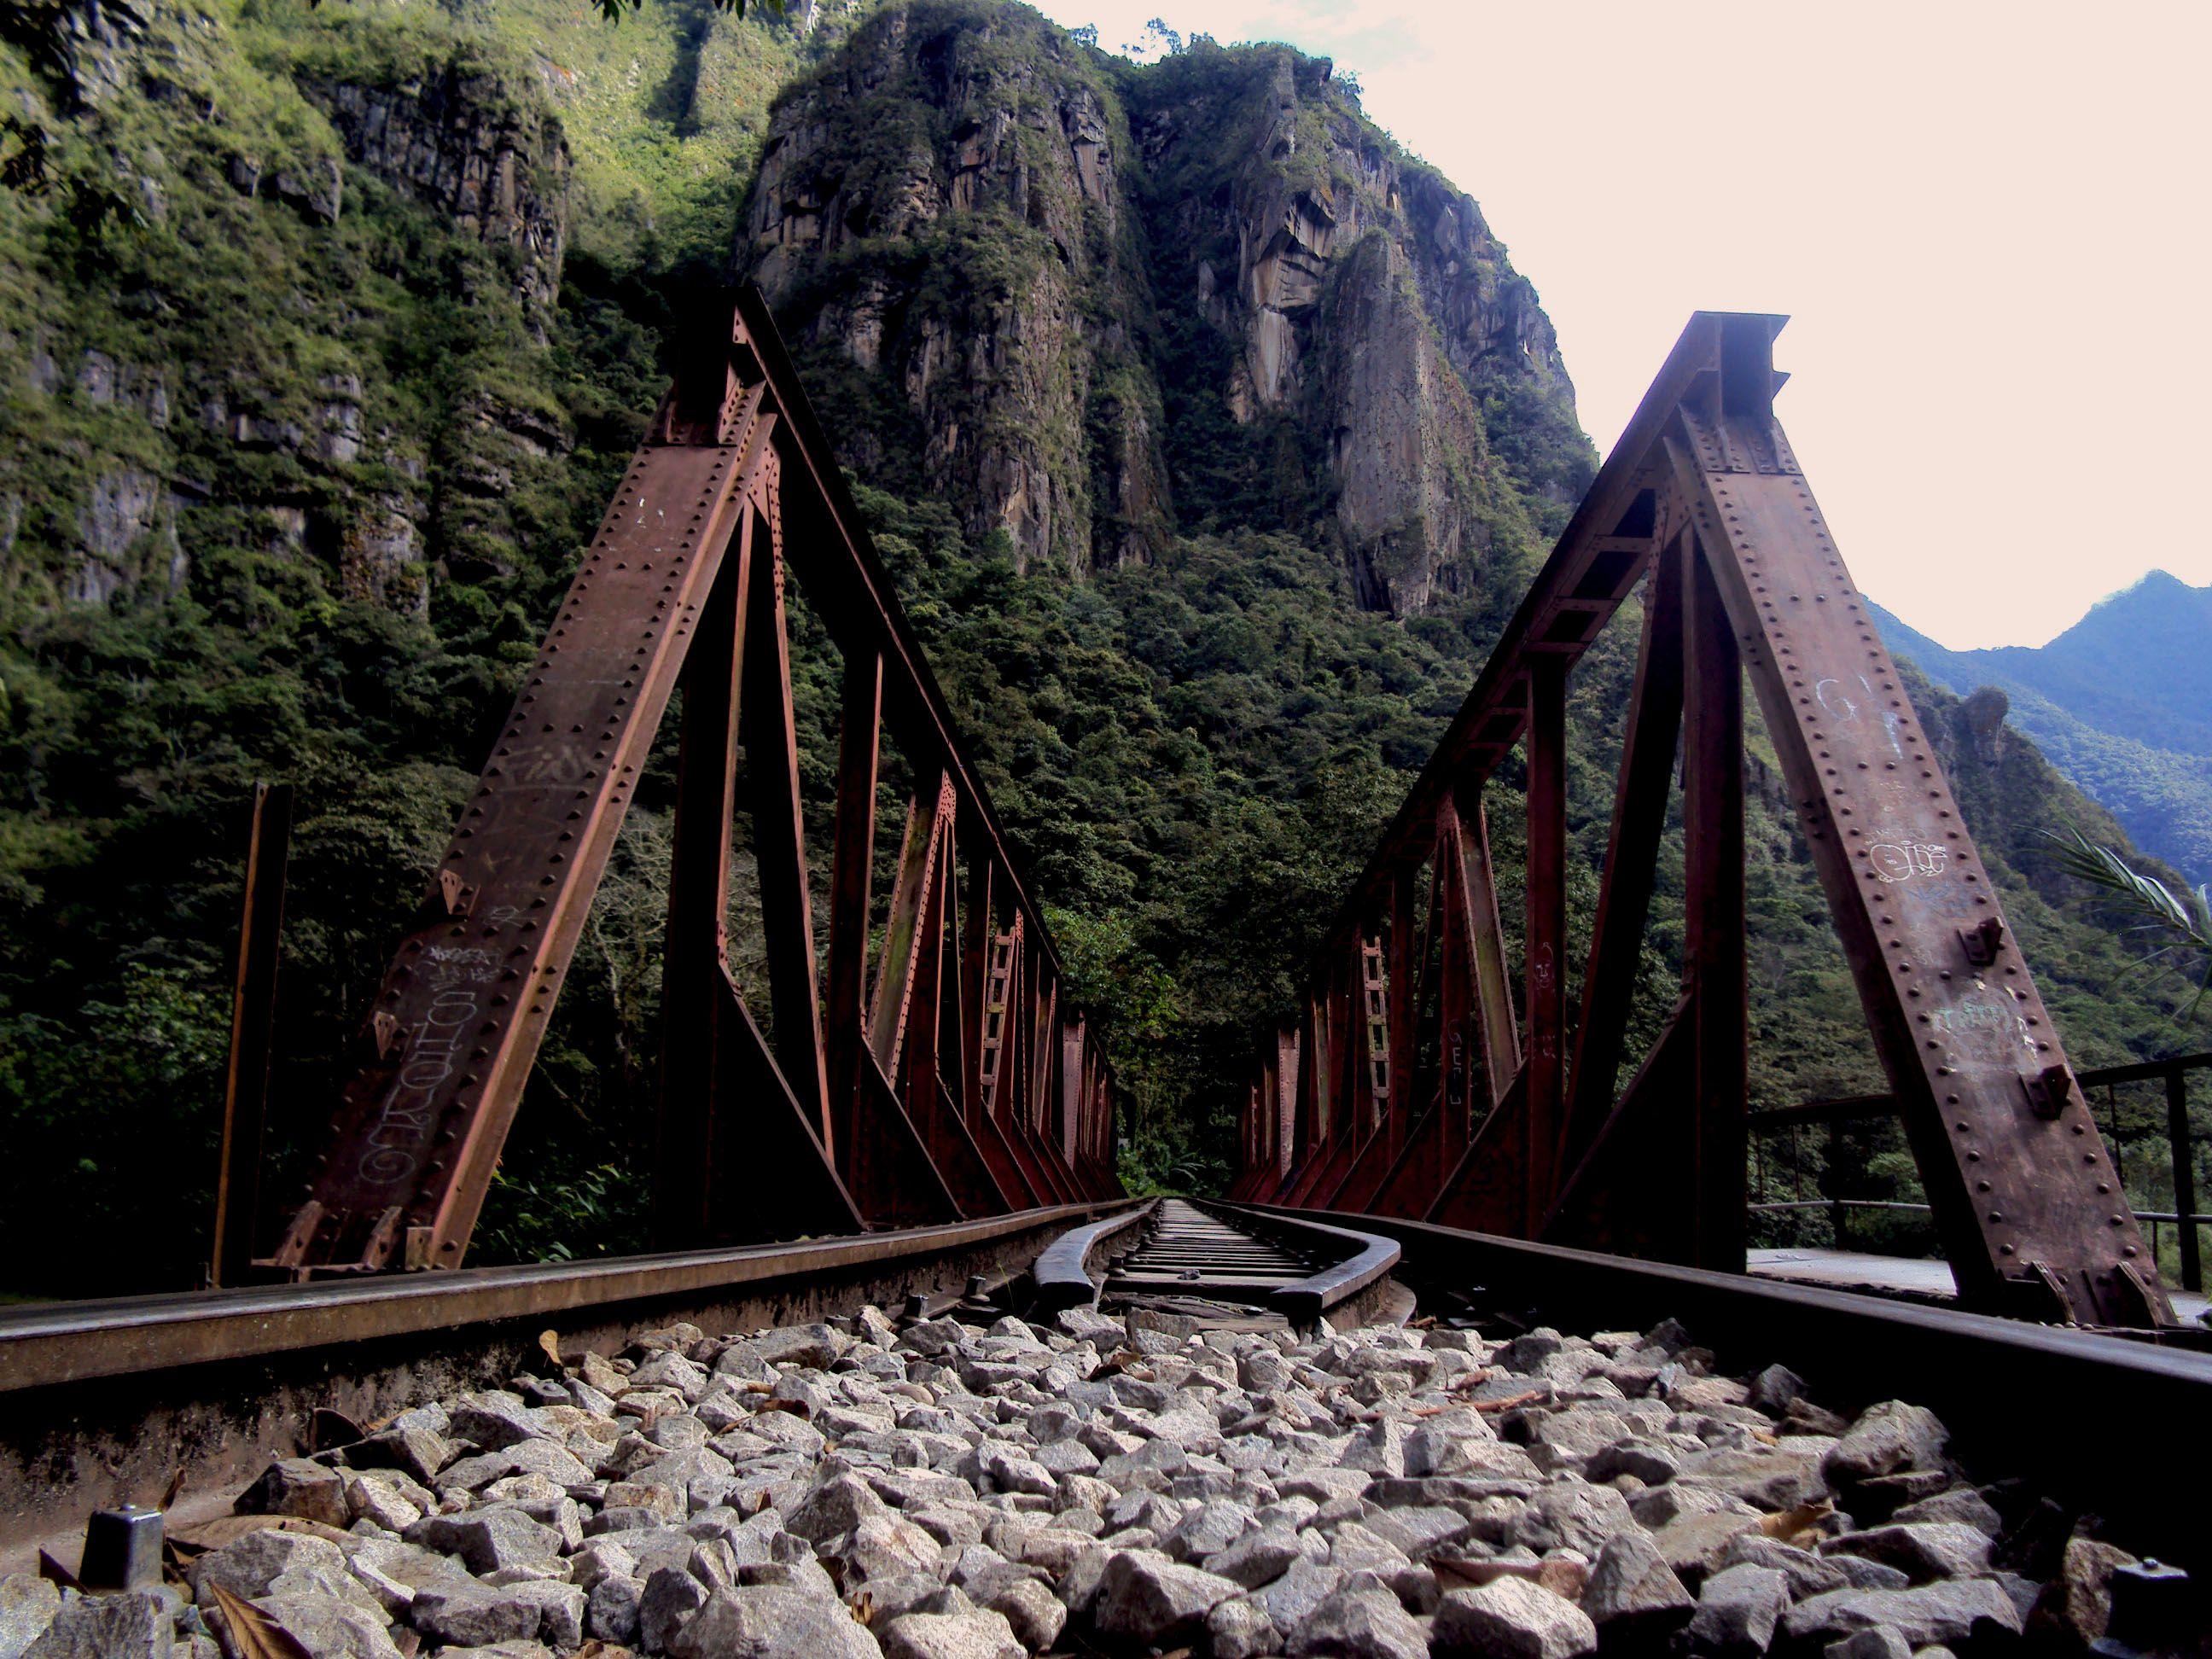 Puente San Miguel Santuario Historico de Machupicchu